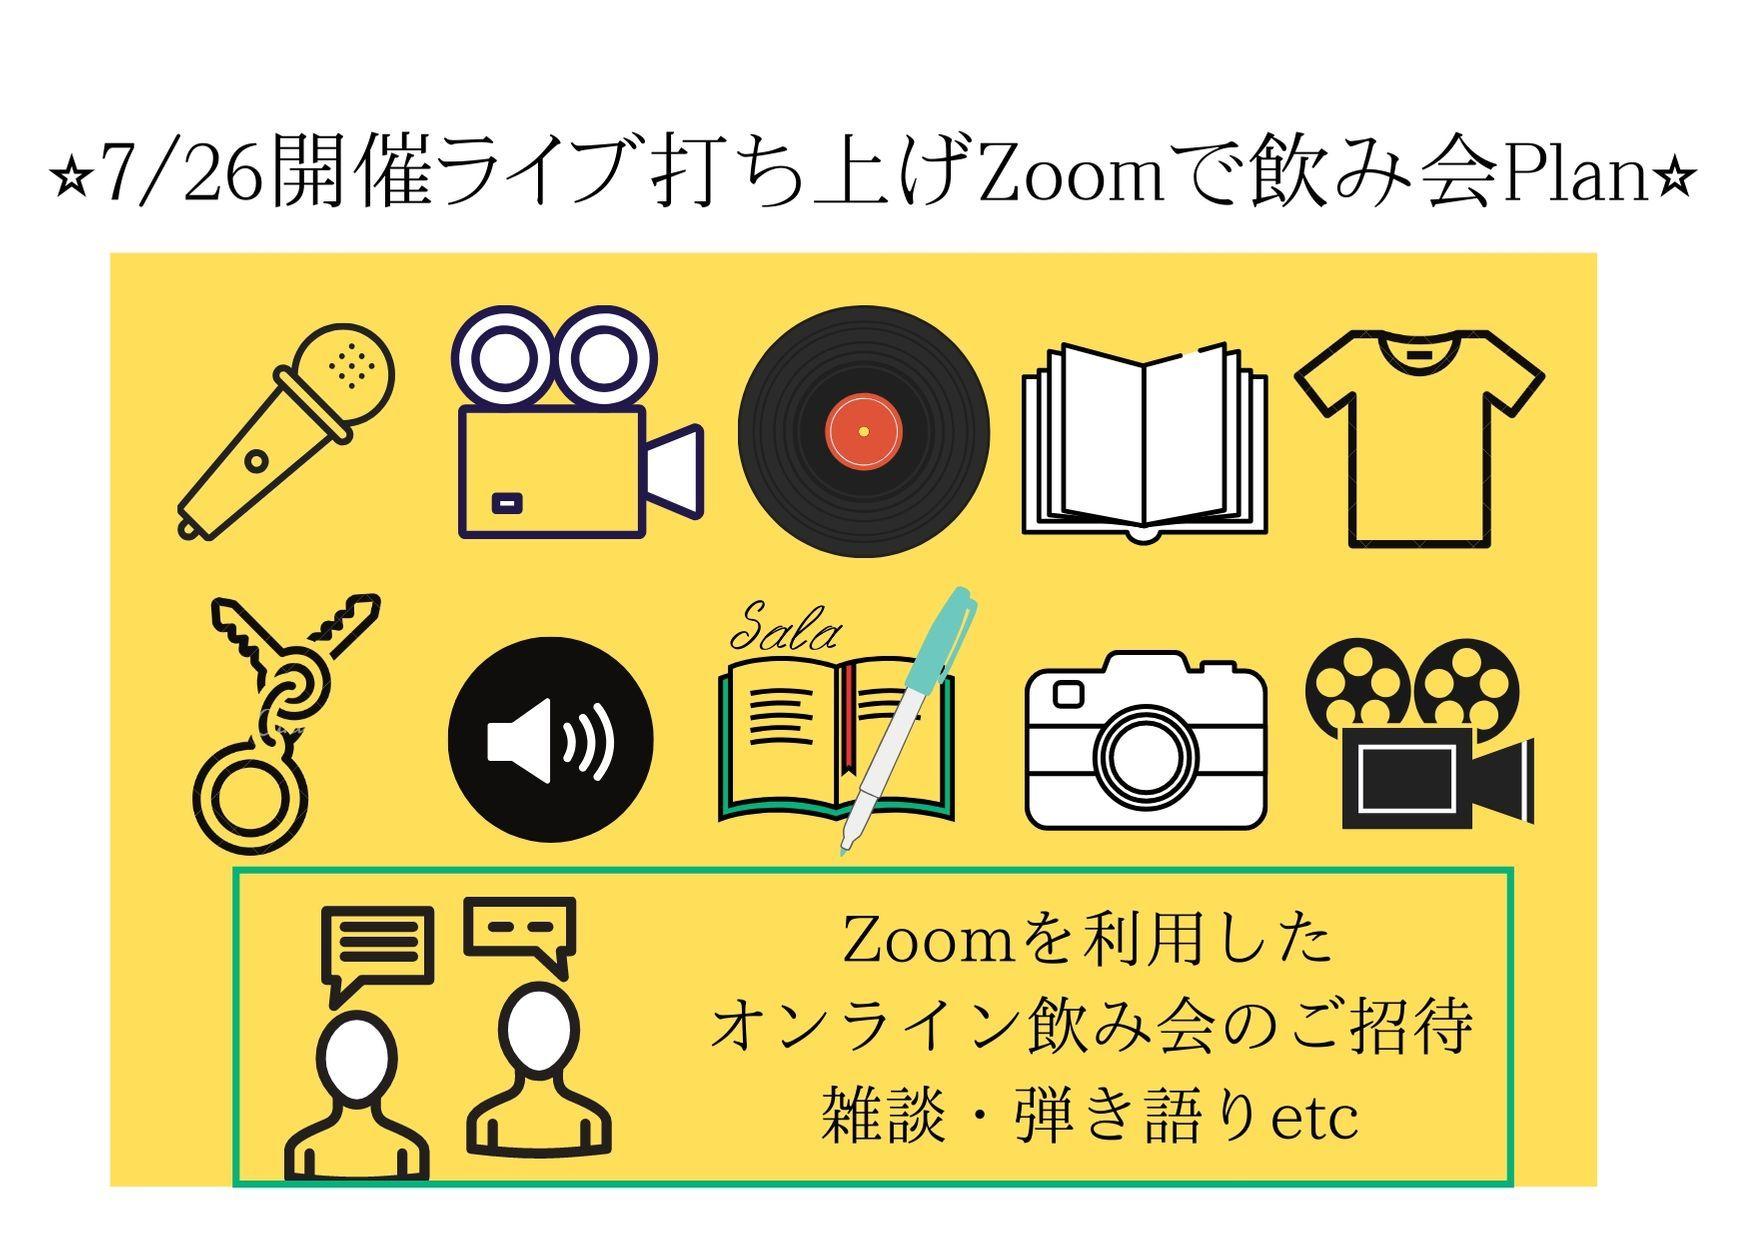 <【7月26日(日)開催】ライブお疲れ様&打ち上げZoomで飲み会 プラン> 限定4名